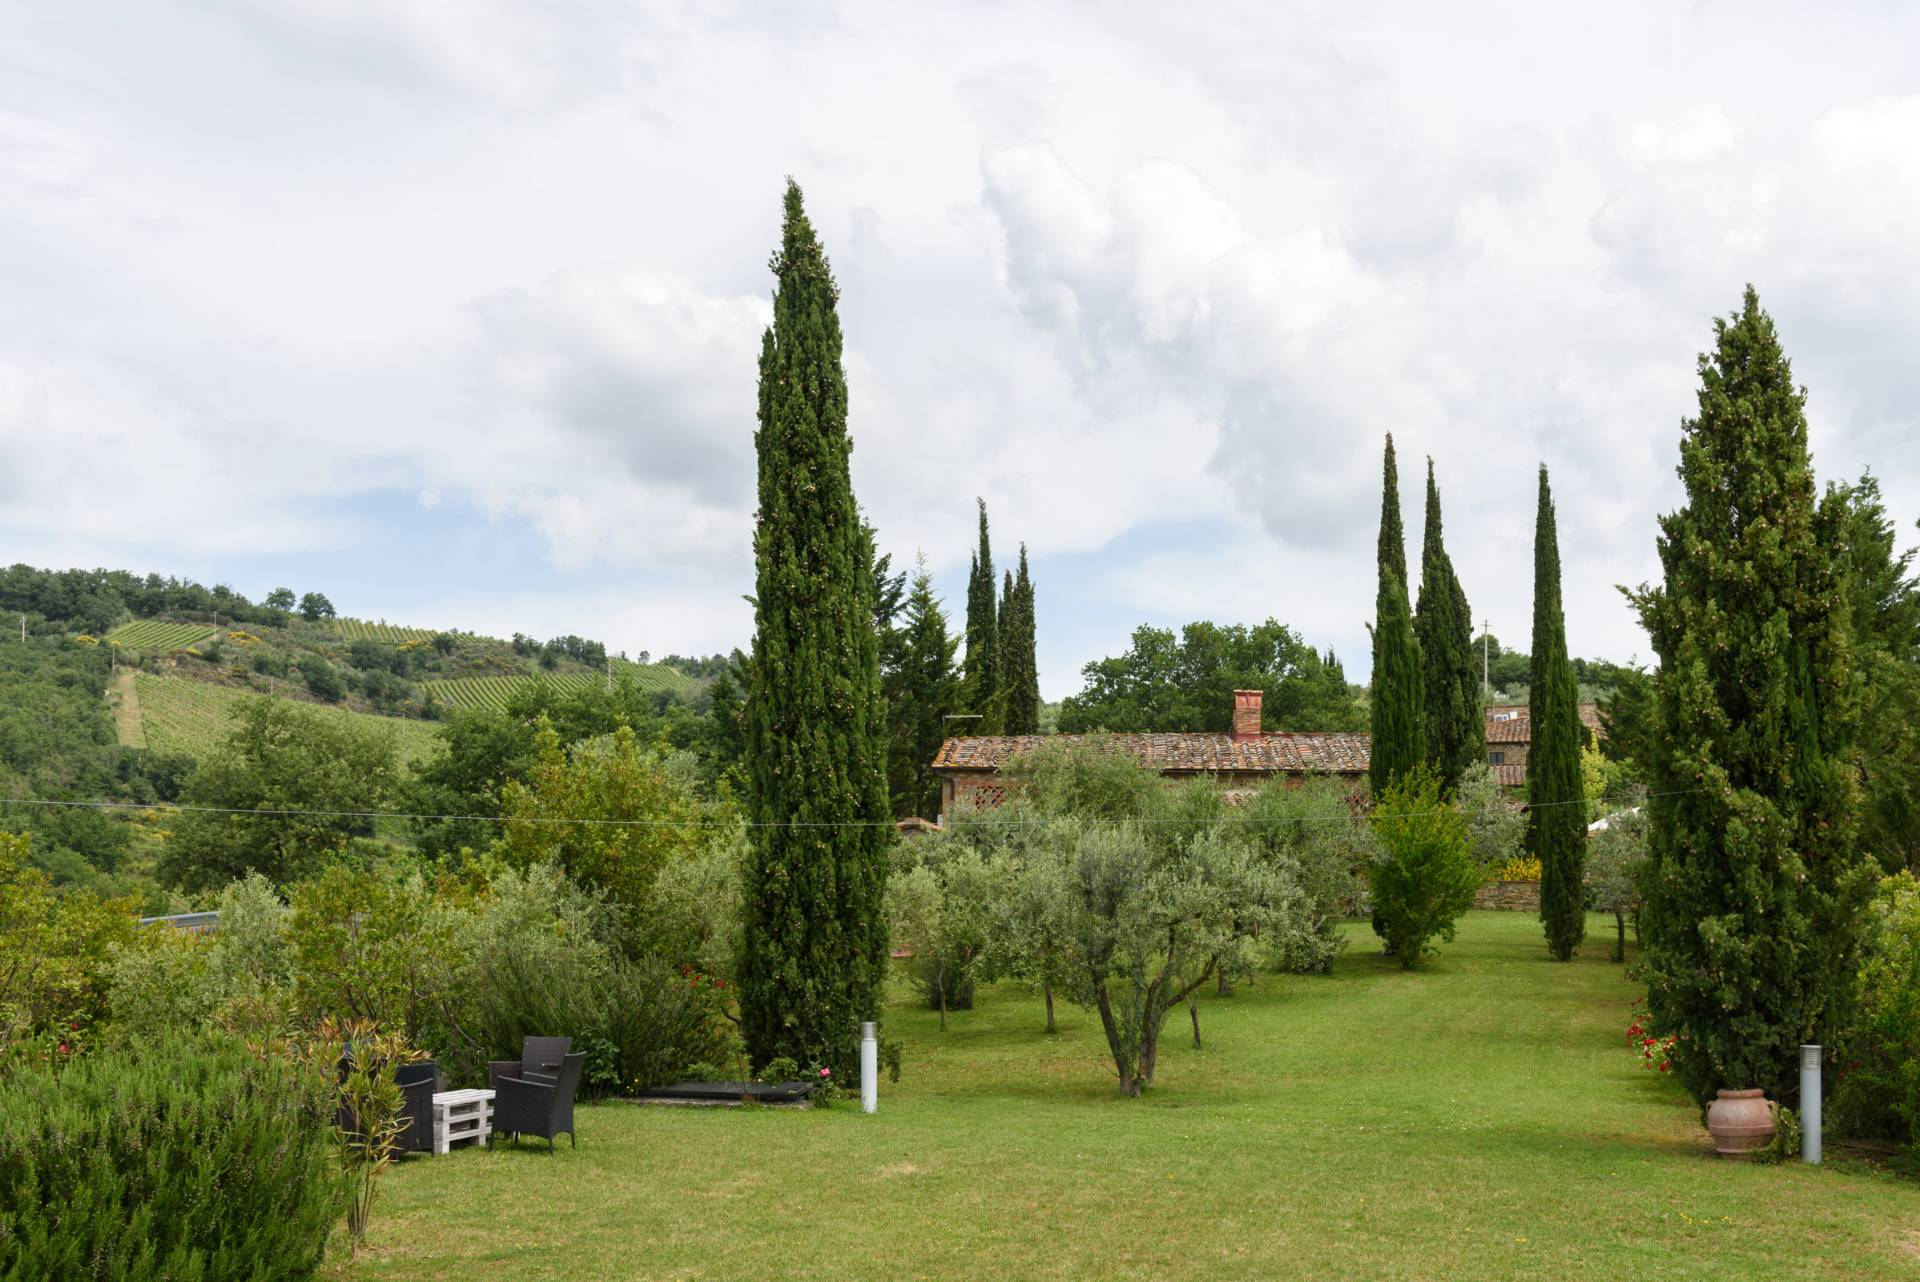 Rustico in Vendita a Gaiole In Chianti: 5 locali, 2170 mq - Foto 12